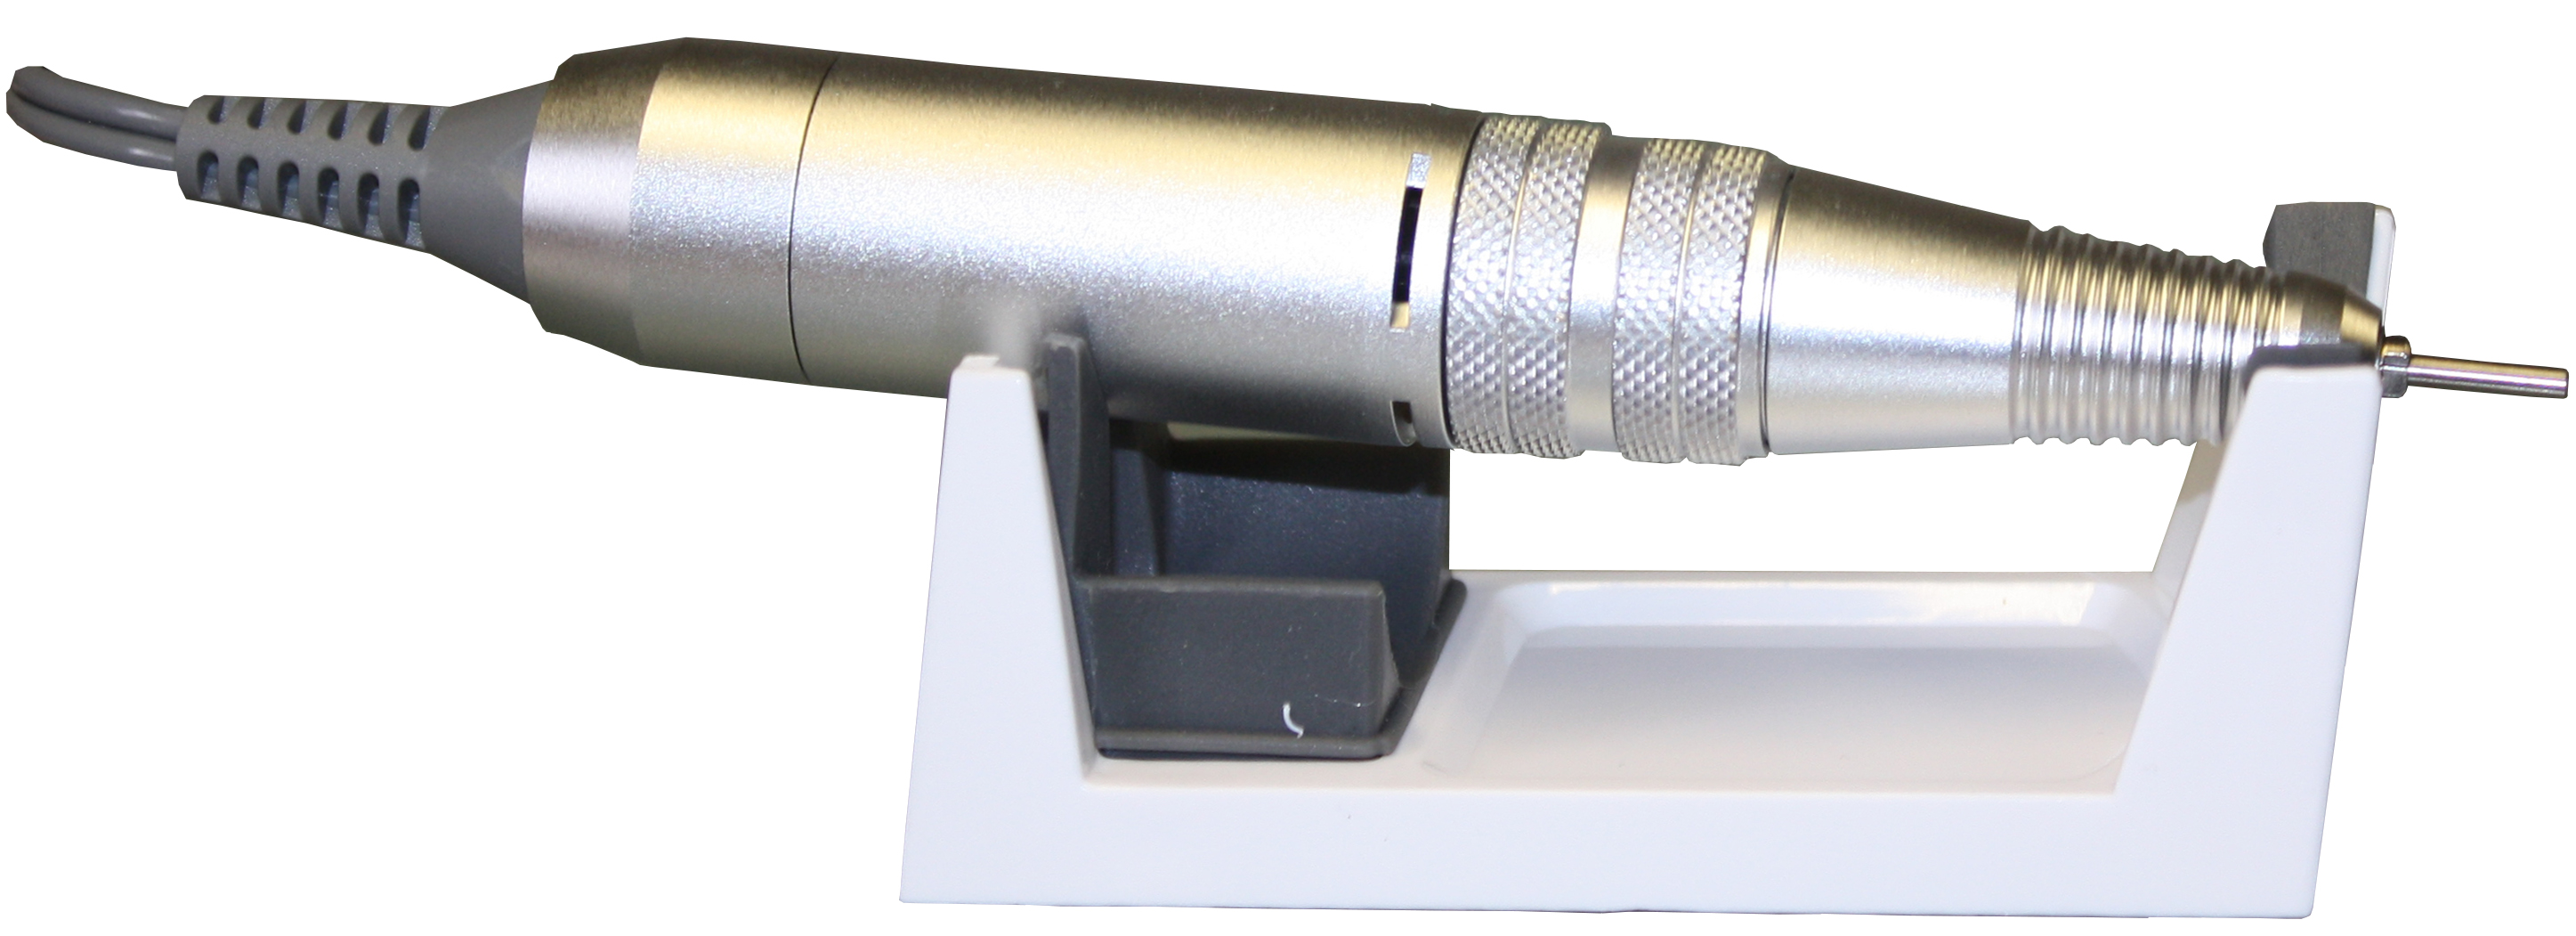 Silverfox ZD-847